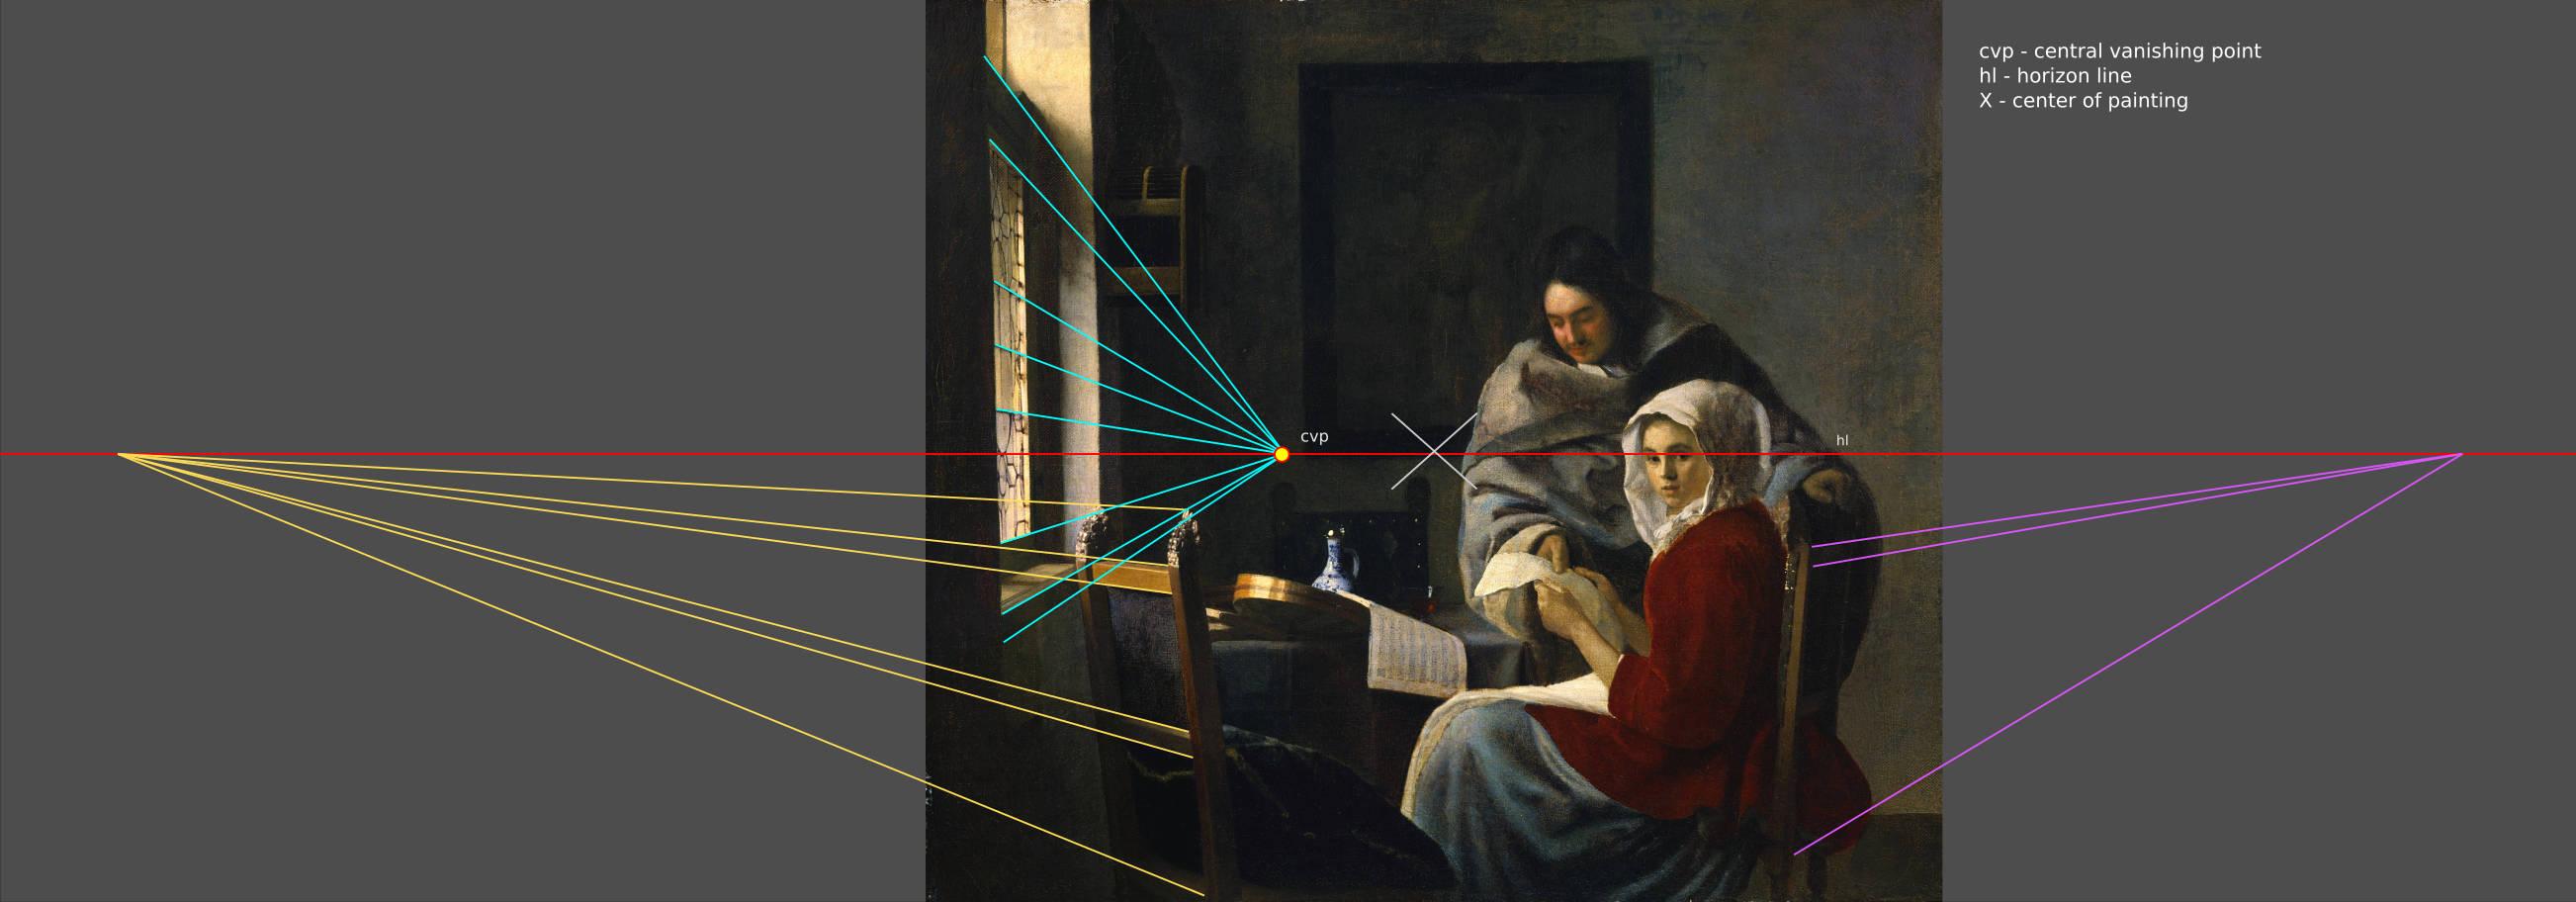 Perspective Diagrams Of Vermeers Paintings Vermeer Wiring Diagram